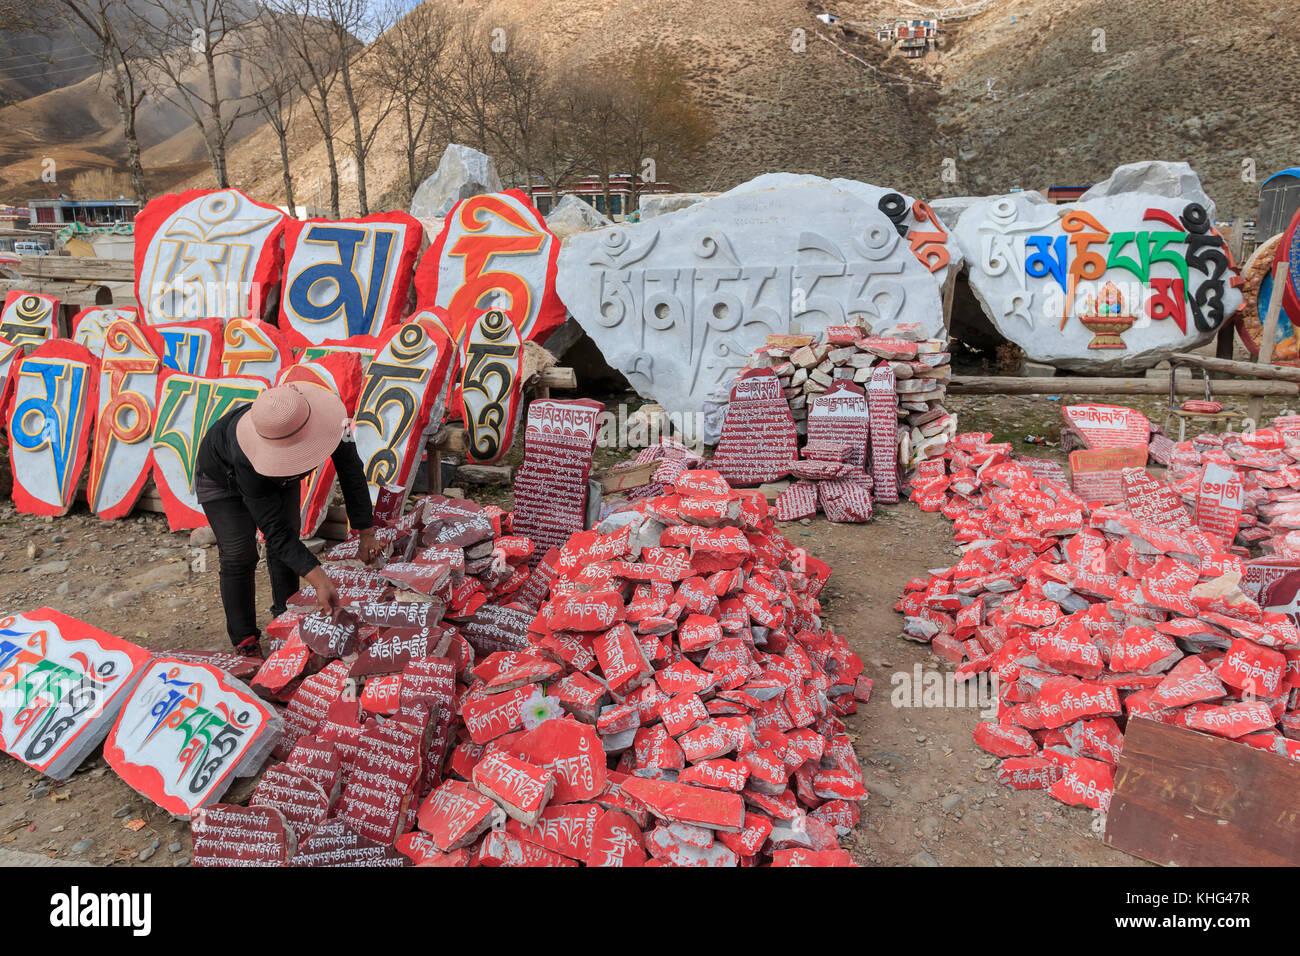 yushu men Yushu (jilin province): 17219 for men / 15975 for women huai'an (jiangsu province): 17219 for men / 15915 for women haerbin (heilongjiang province): 17205.